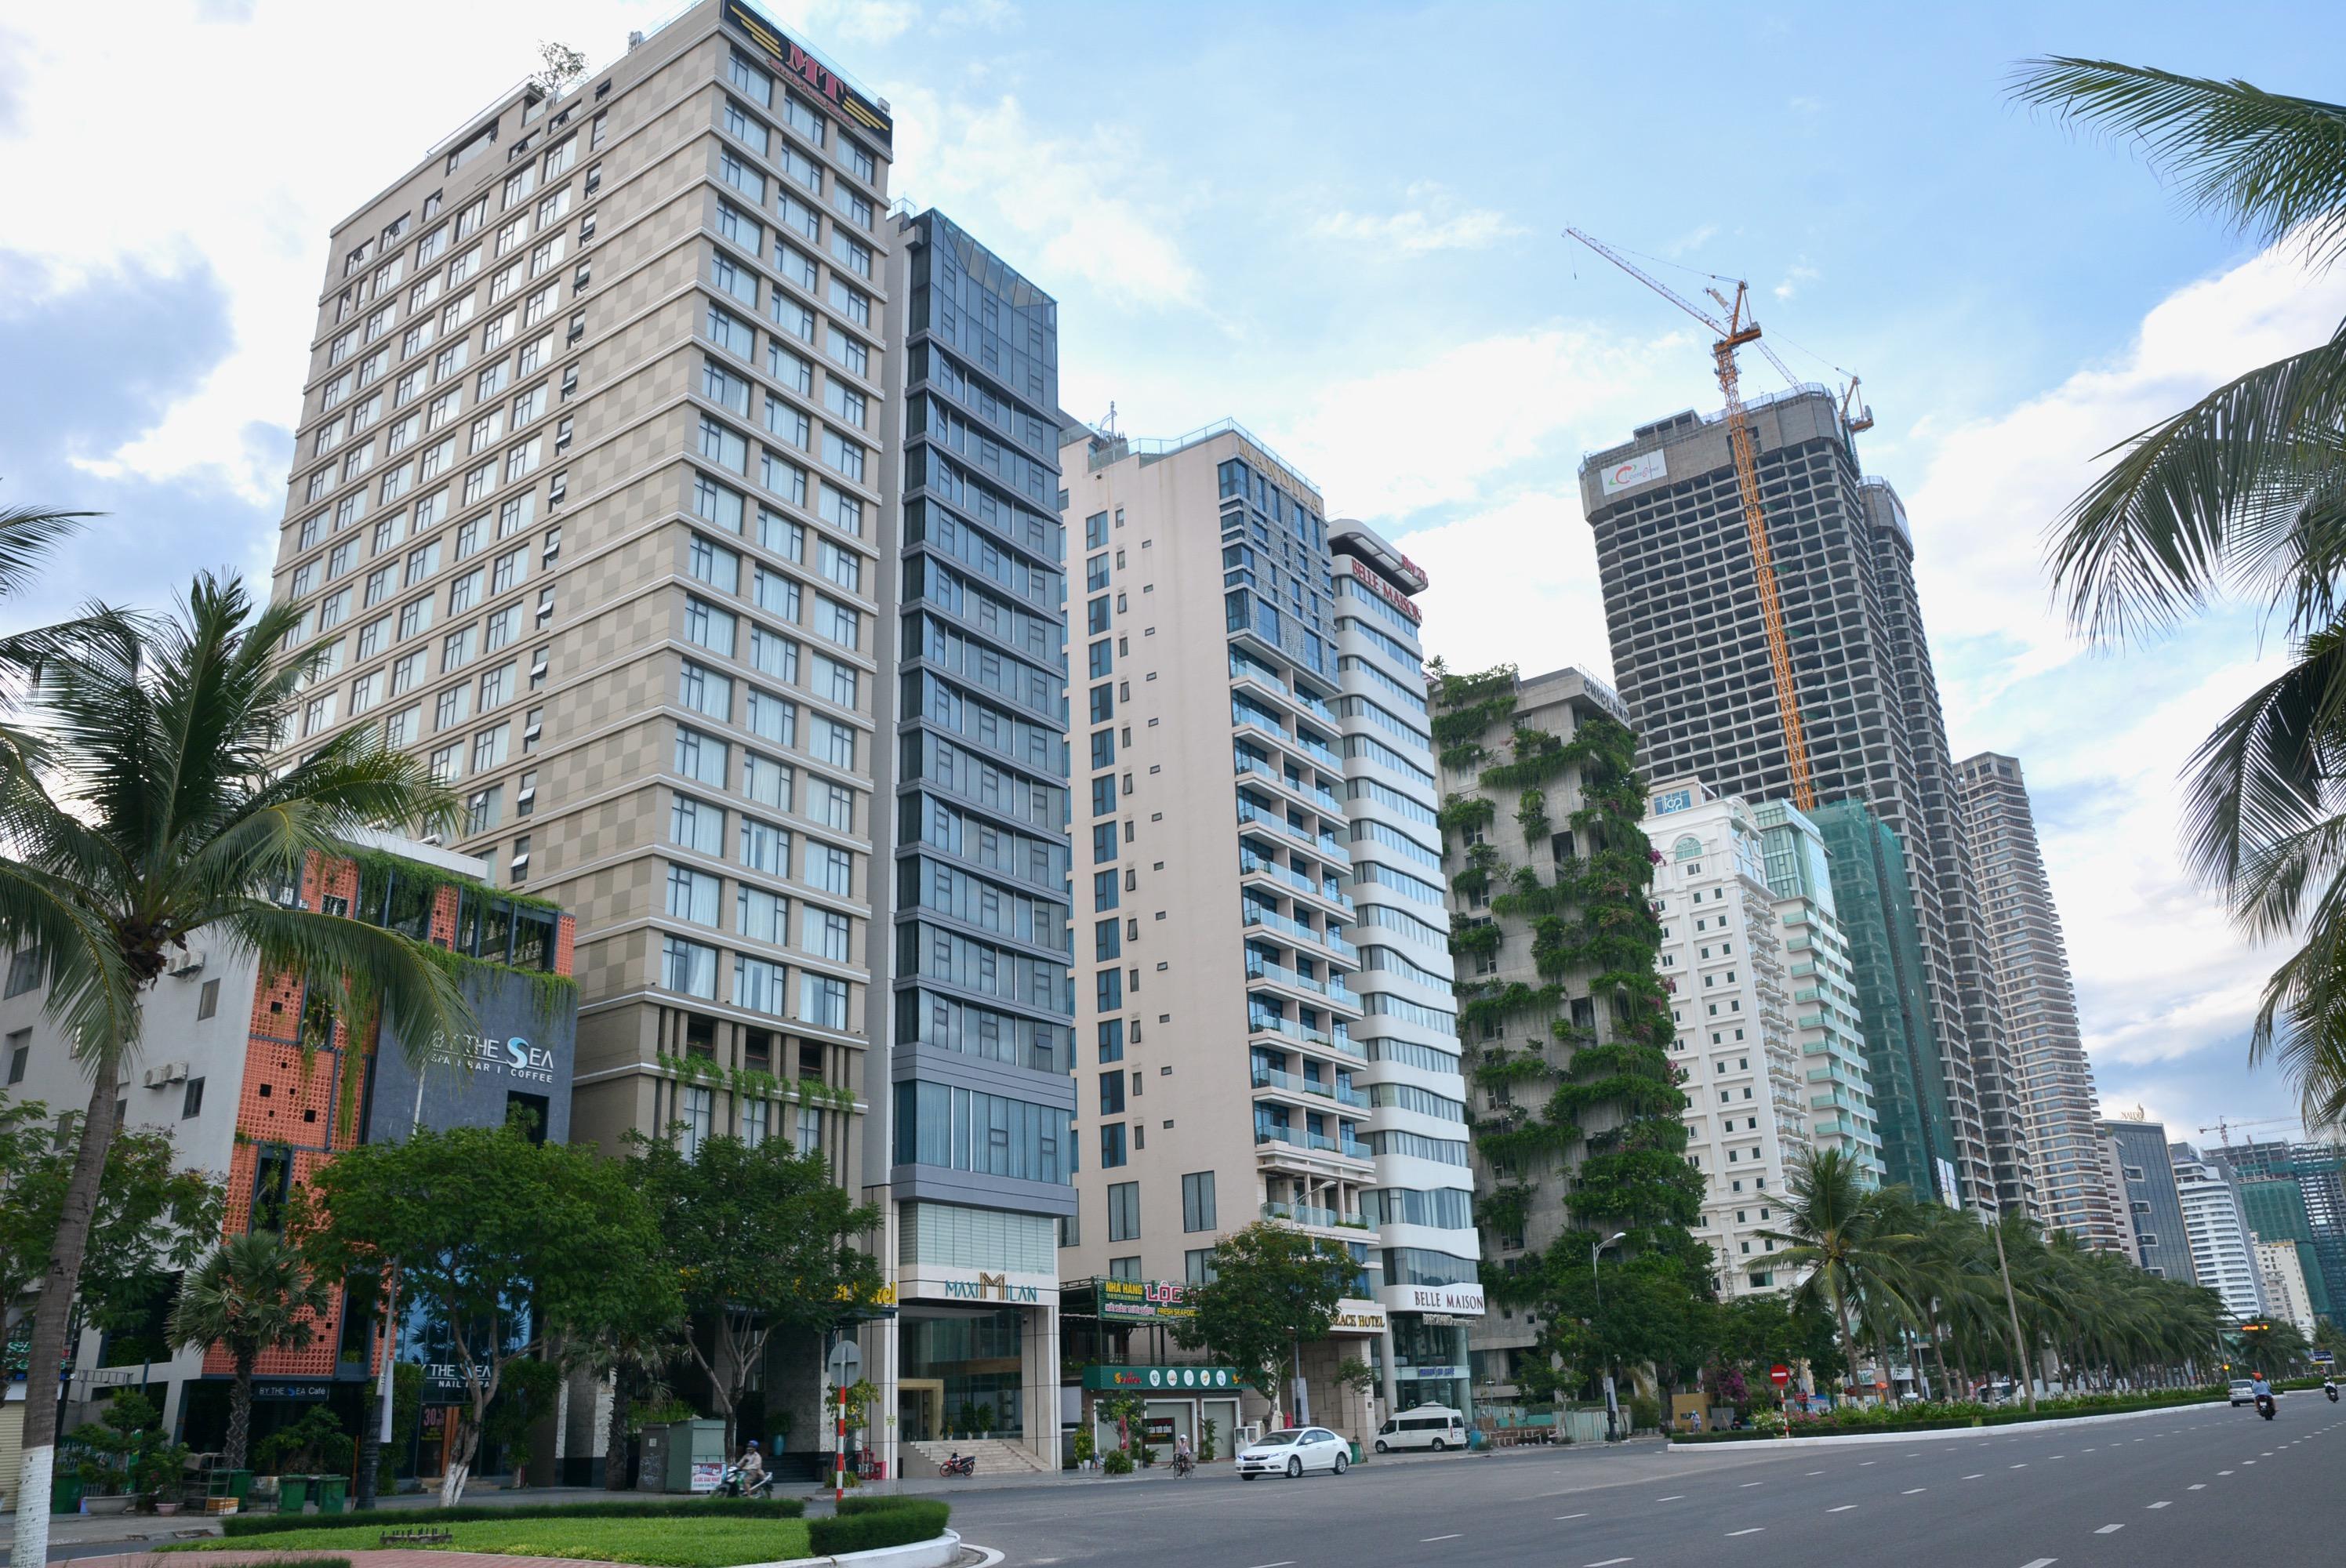 'Cú đấm bồi' COVID-19 khiến khách sạn 4 sao ở Đà Nẵng cũng rao bán - Ảnh 4.